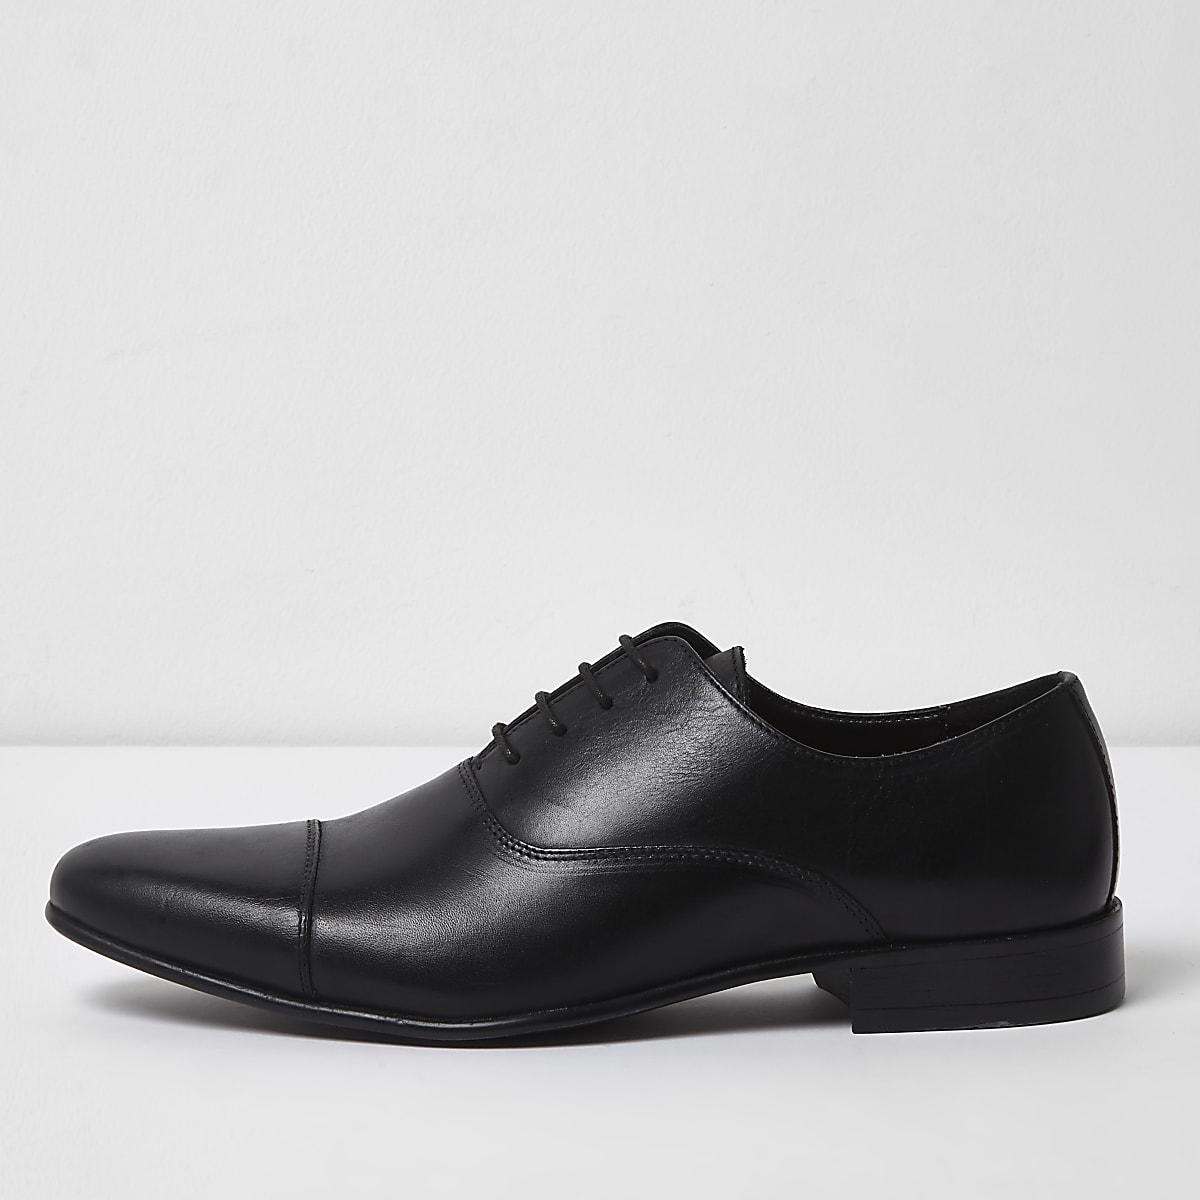 Chaussures Oxford en cuir noir avec bout rapporté